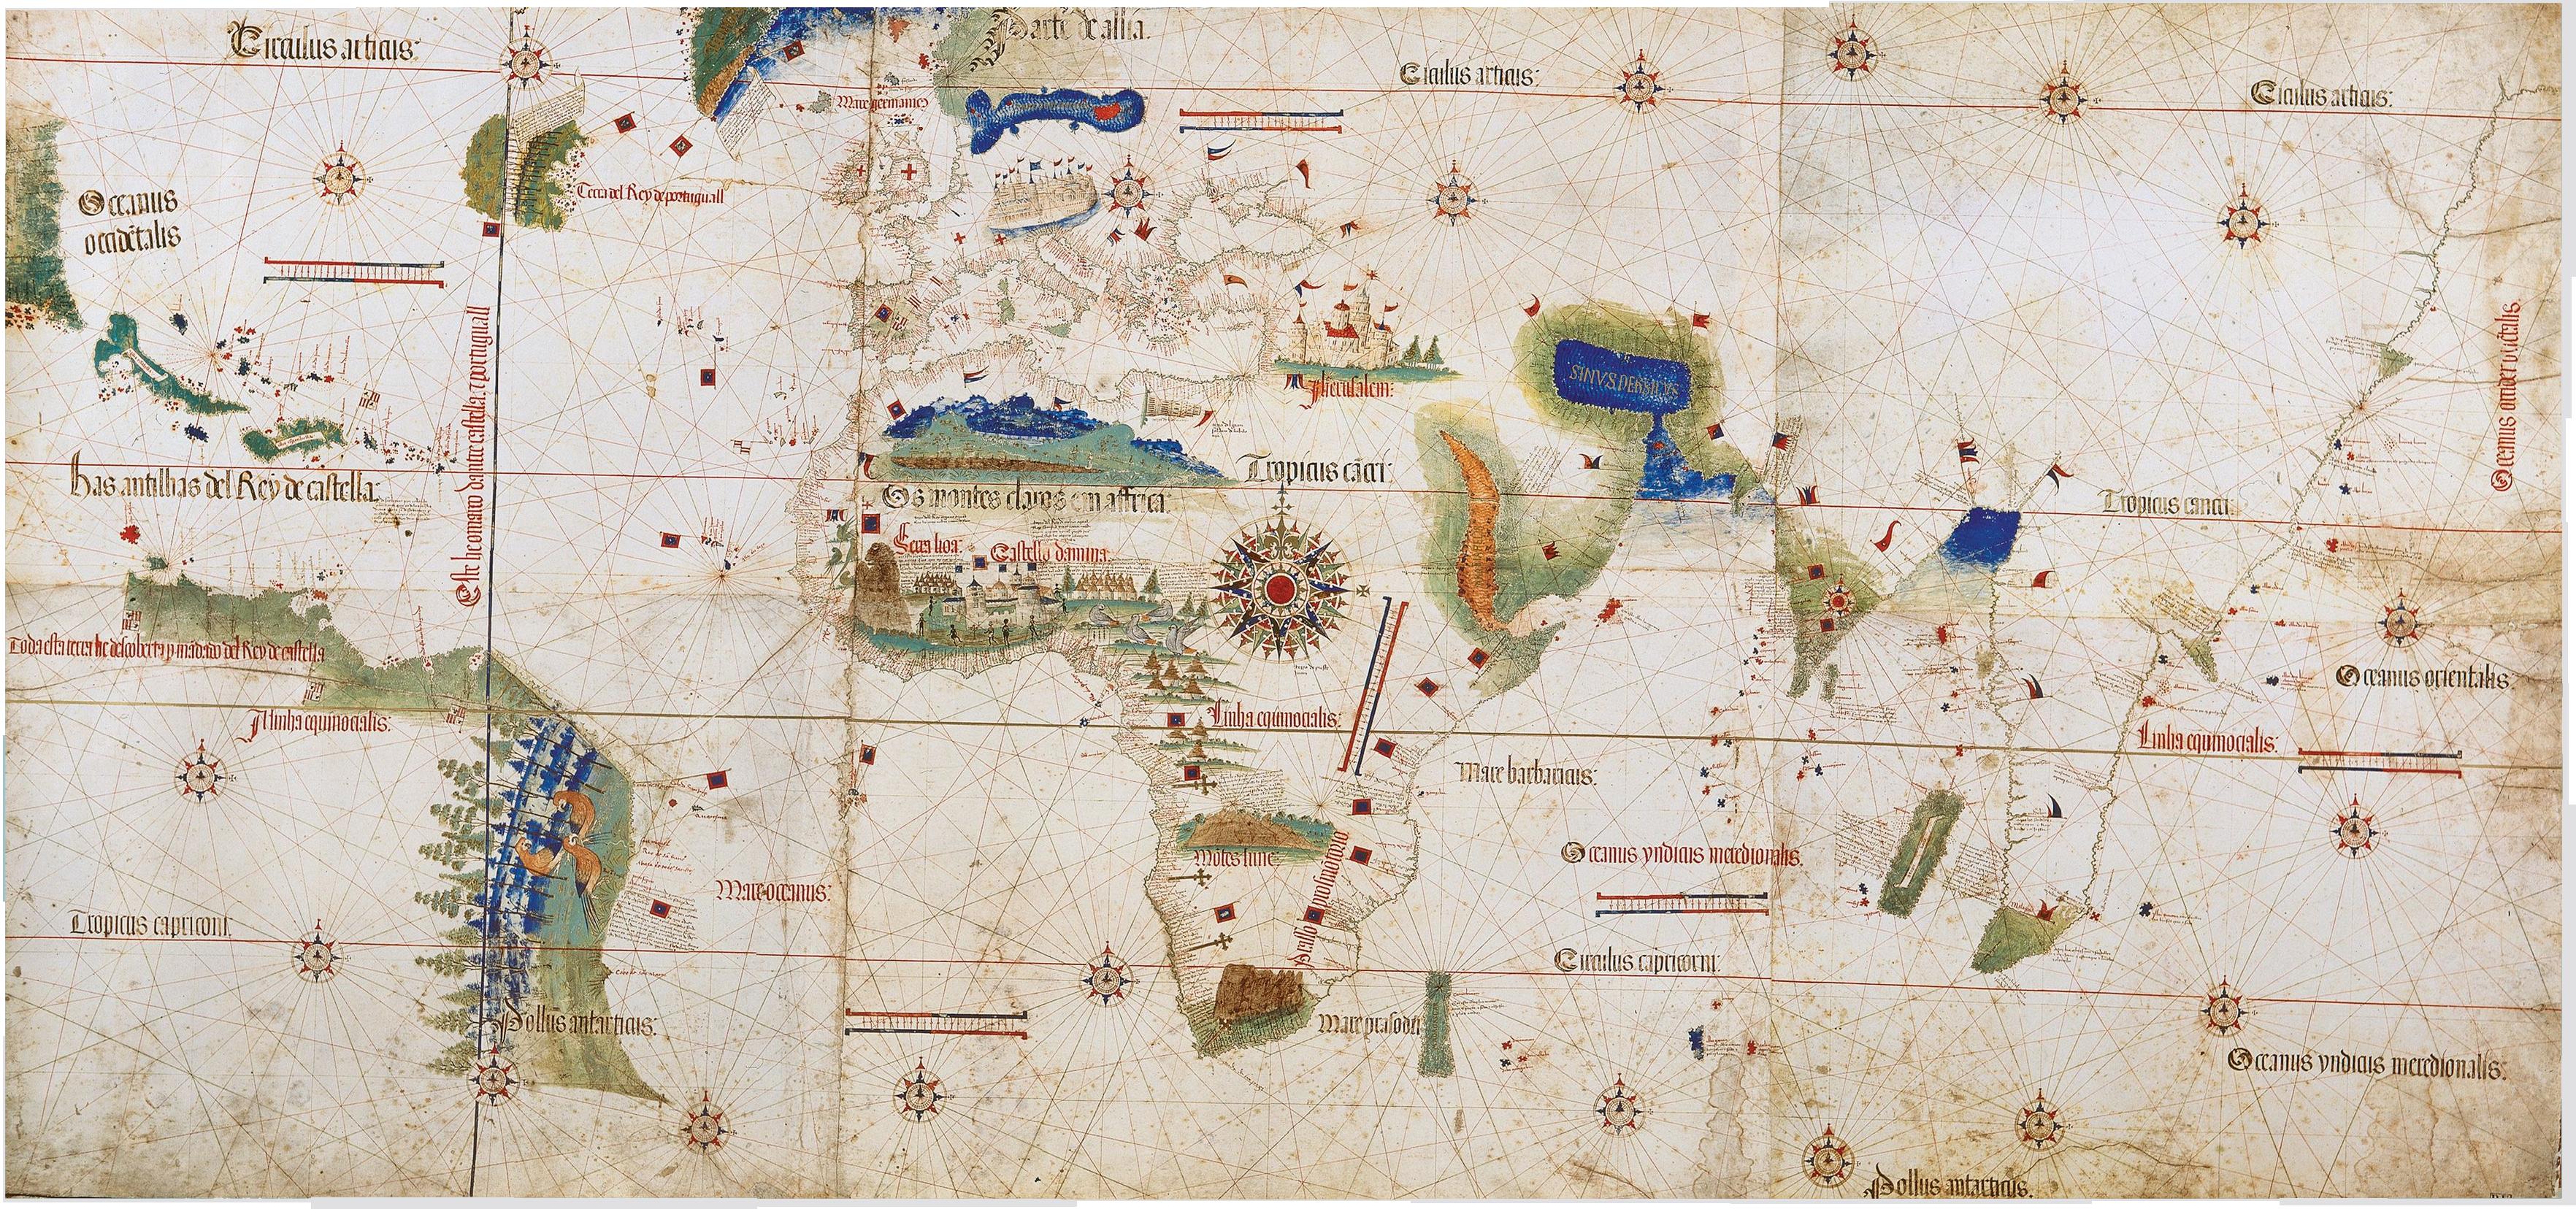 Le Planisphère de Cantino, la plus ancienne carte représentant les découvertes portugaises (vers 1502) - cliquez pour la taille réelle